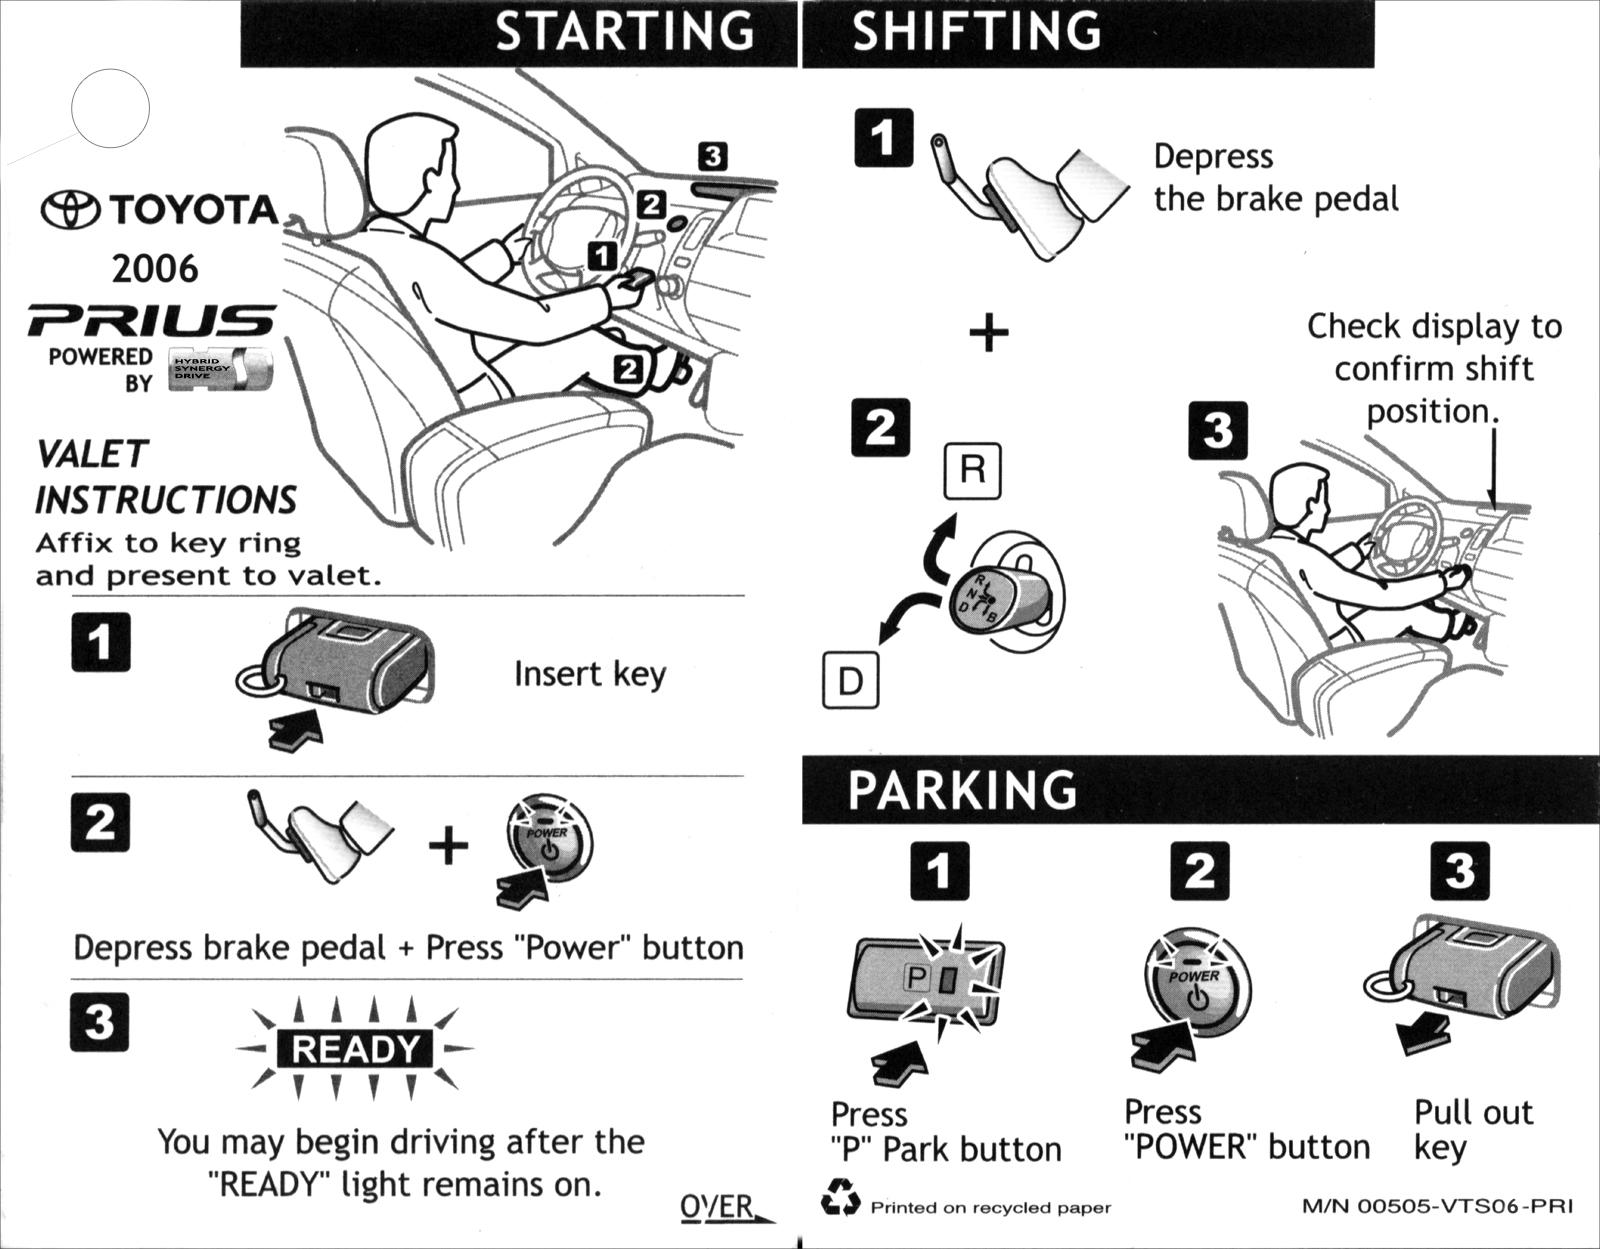 Valet Parking Cards